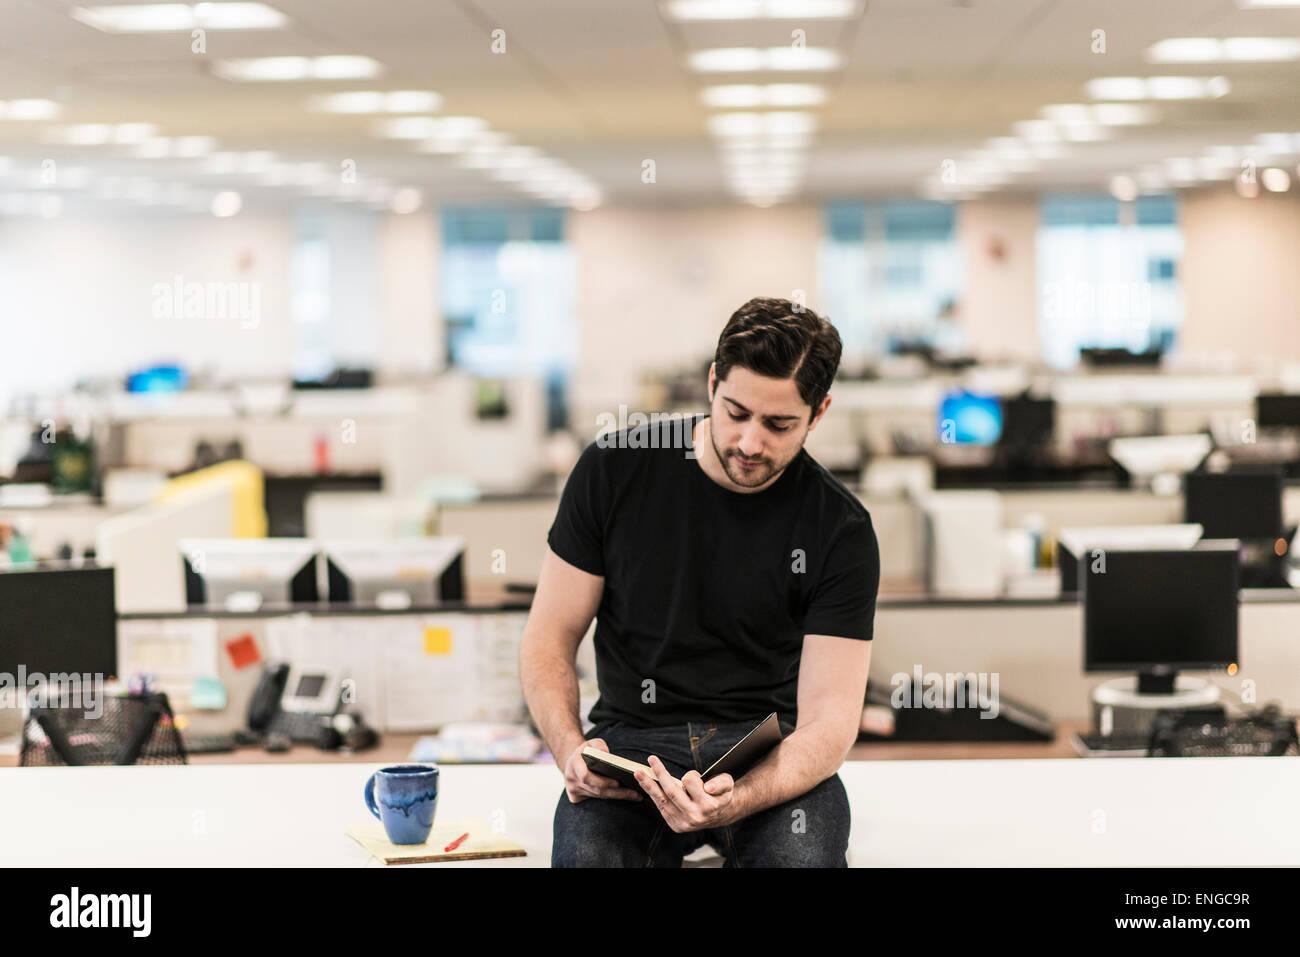 Ein Mann sitzt auf einem Schreibtisch in einem Büro, Blick auf ein Buch oder ein Tagebuch. Stockbild